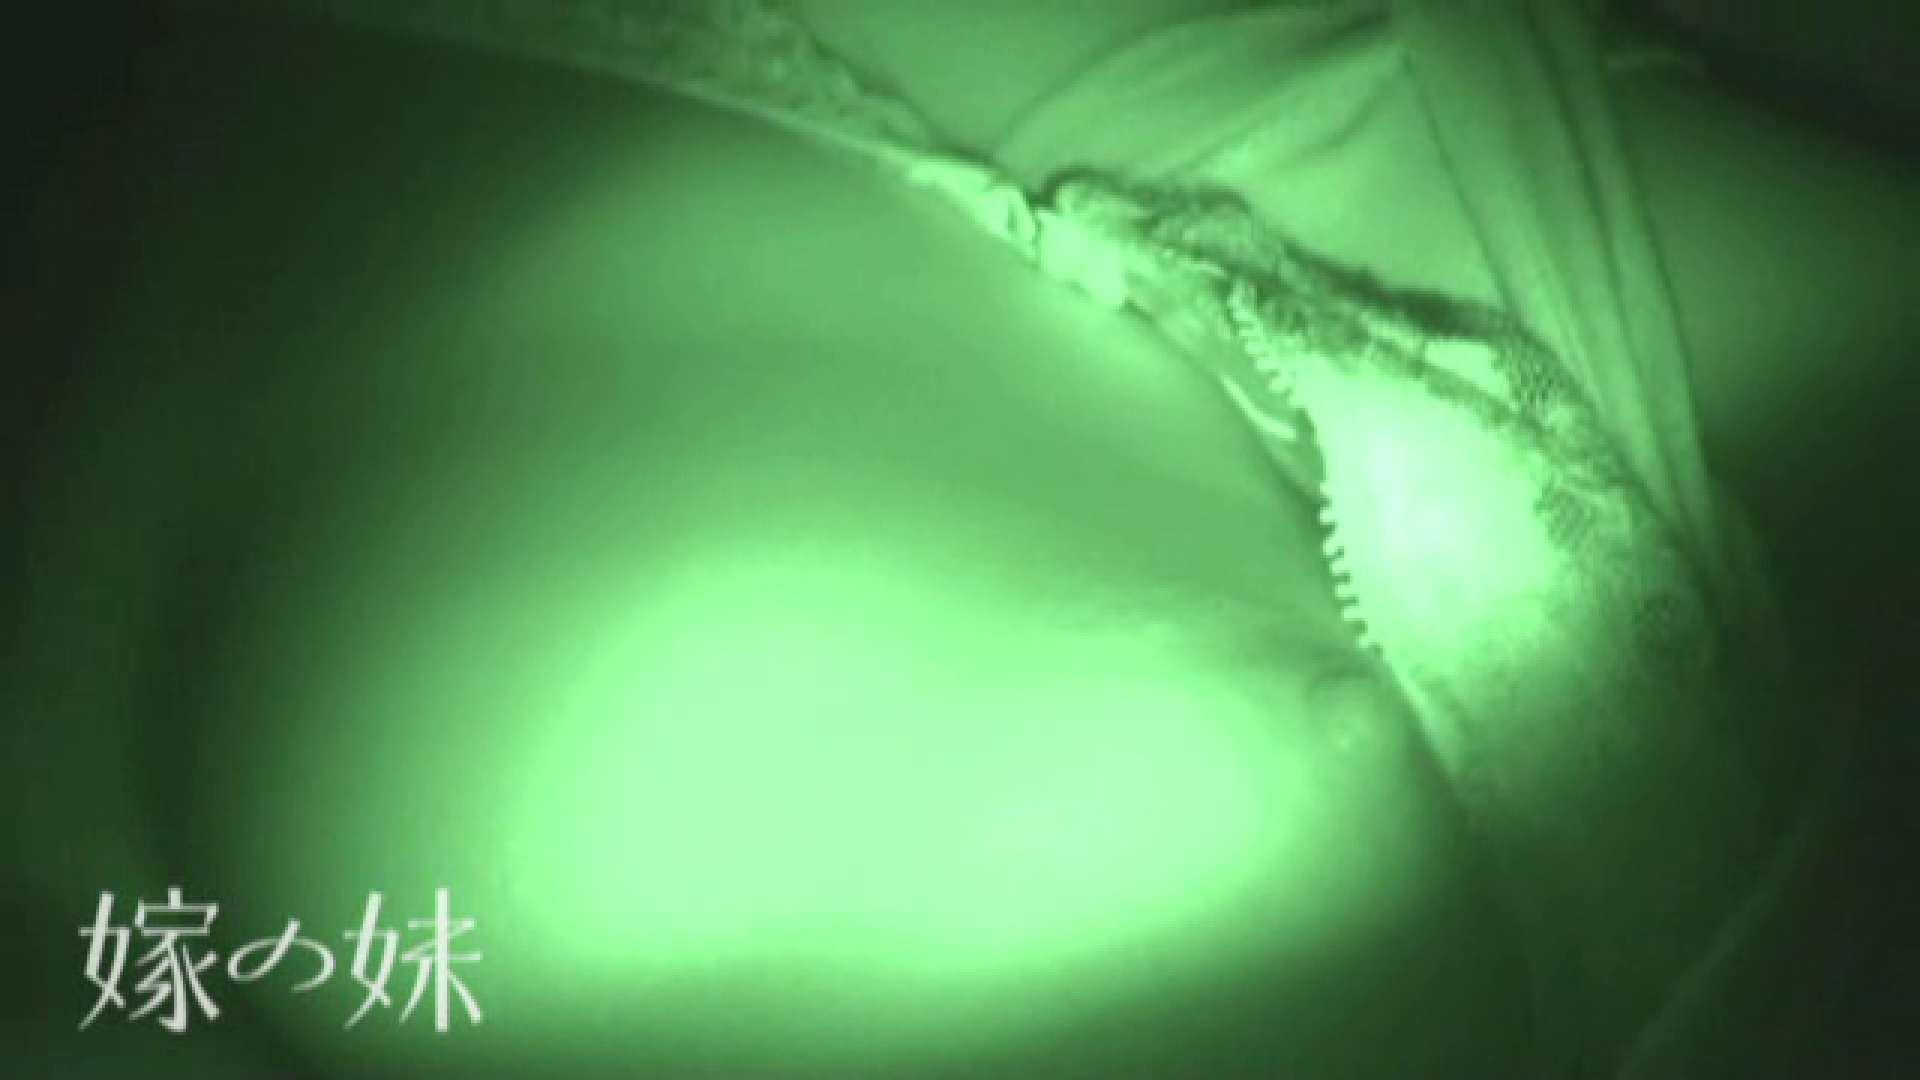 居候中の嫁の妹 盗撮 セックス画像 75PIX 46